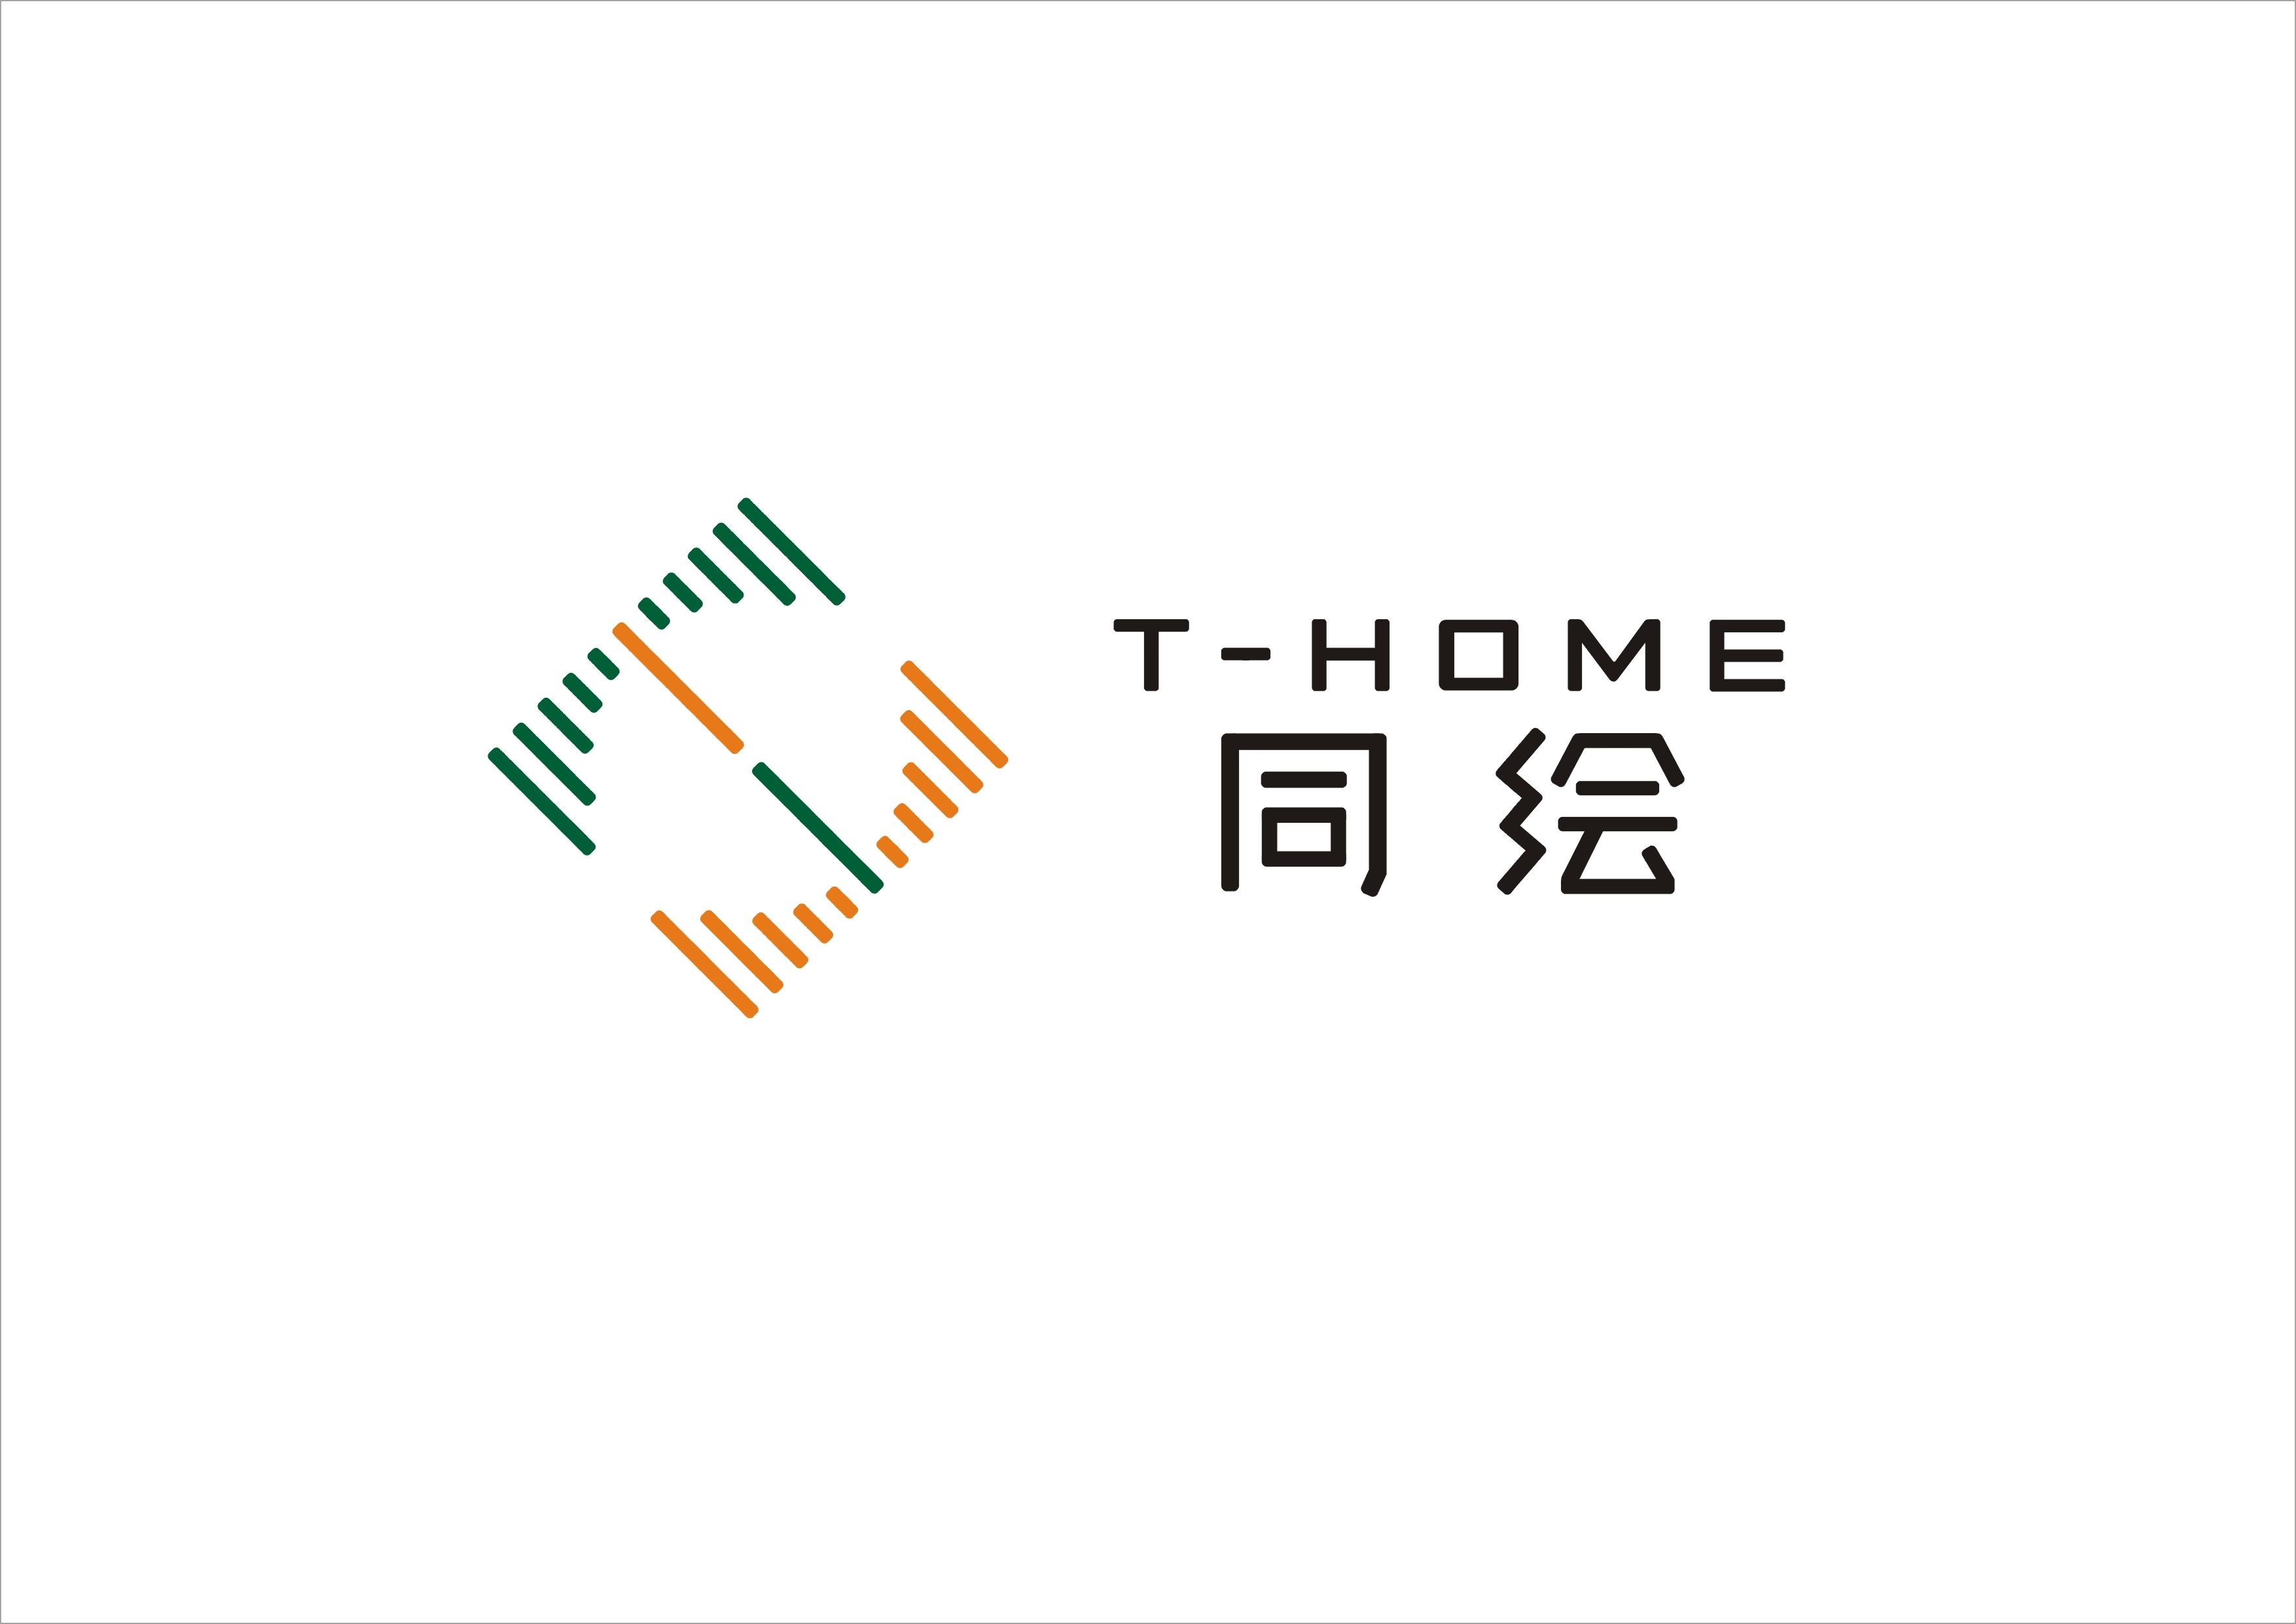 安徽同绘家园土地信息技术有限公司最新招聘信息